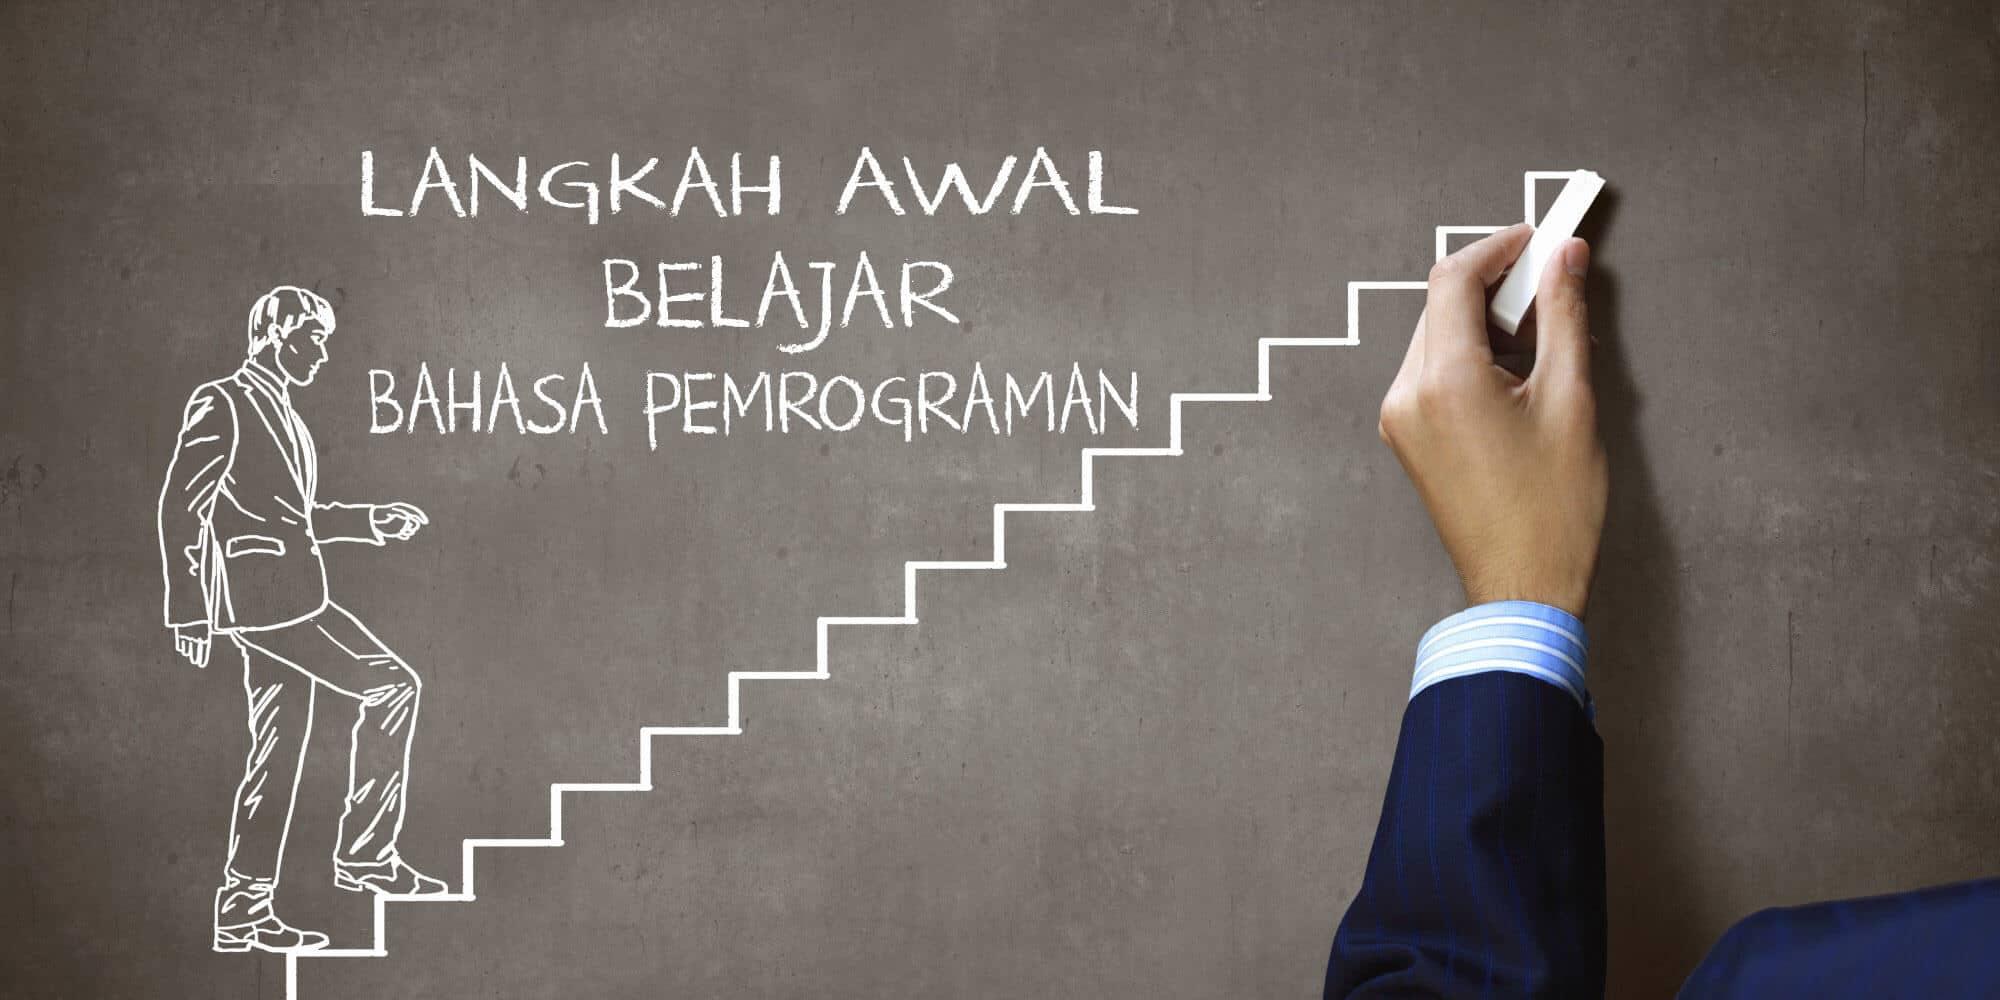 Langkah Awal belajar, Bahasa Pemrograman, niat belajar pemrograman, masirwin.com